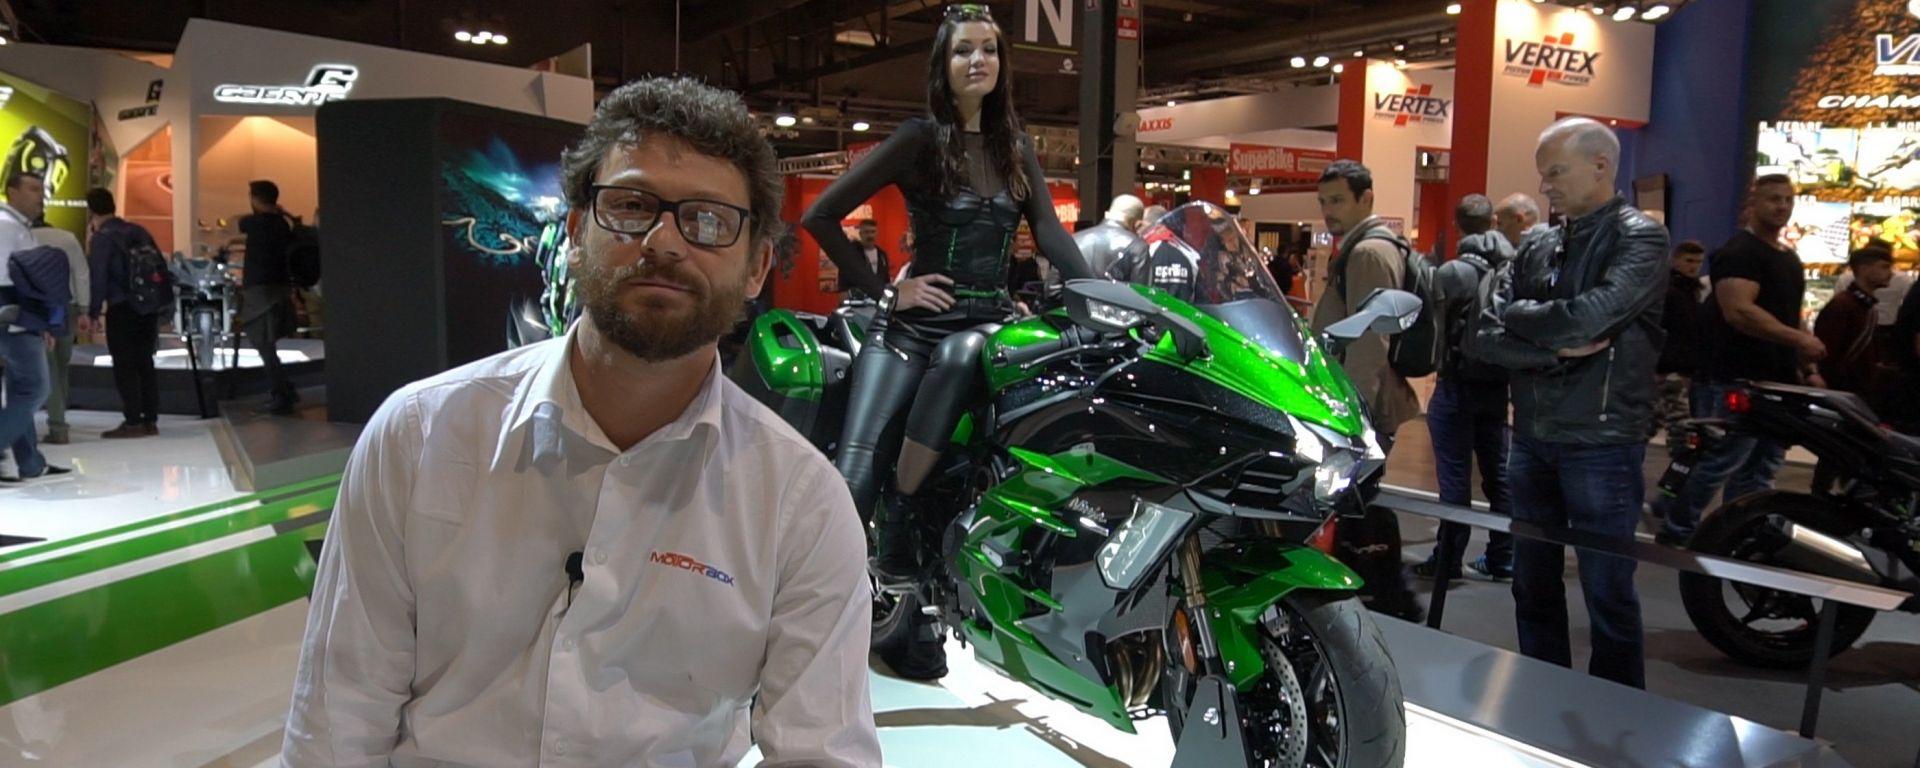 Nuove Kawasaki H2 SX e SX SE: le sport touring col turbo [VIDEO]